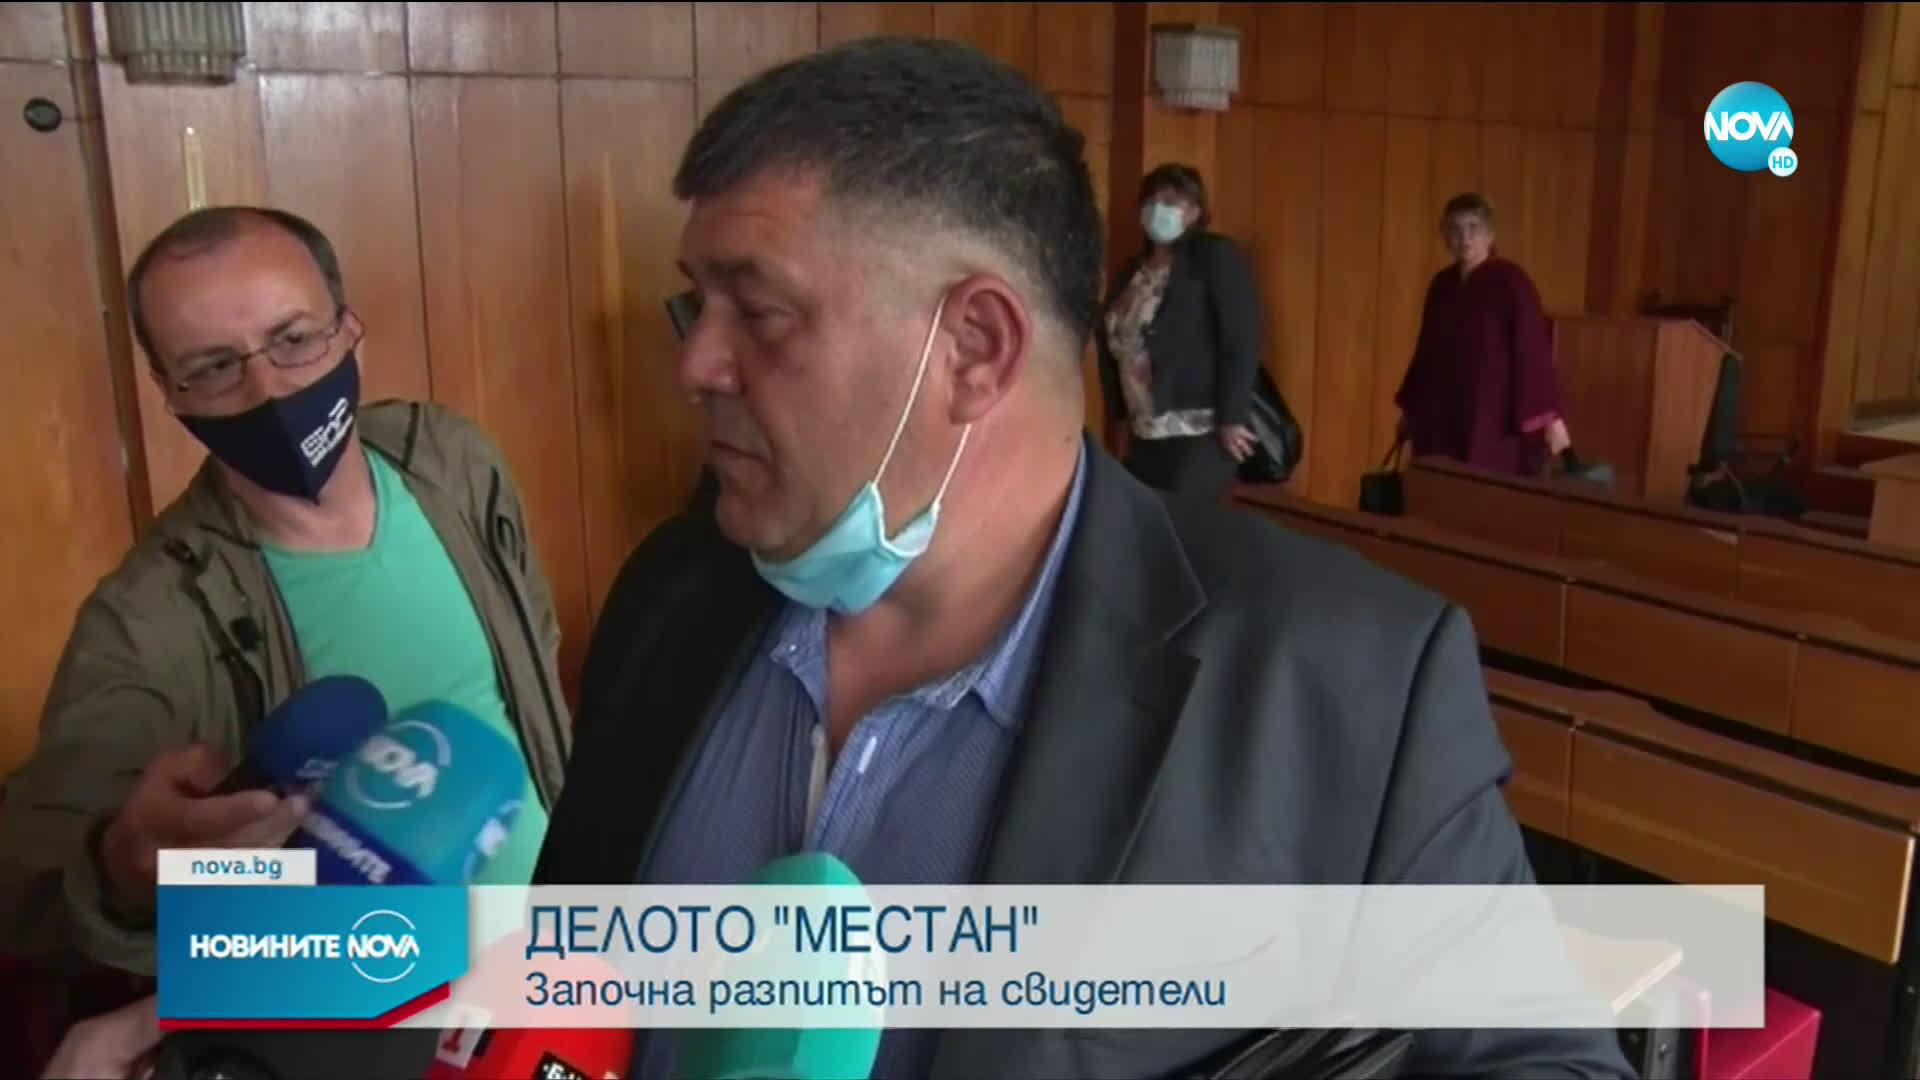 """ДЕЛОТО """"МЕСТАН"""": Процесът продължава с разпит на свидетели"""